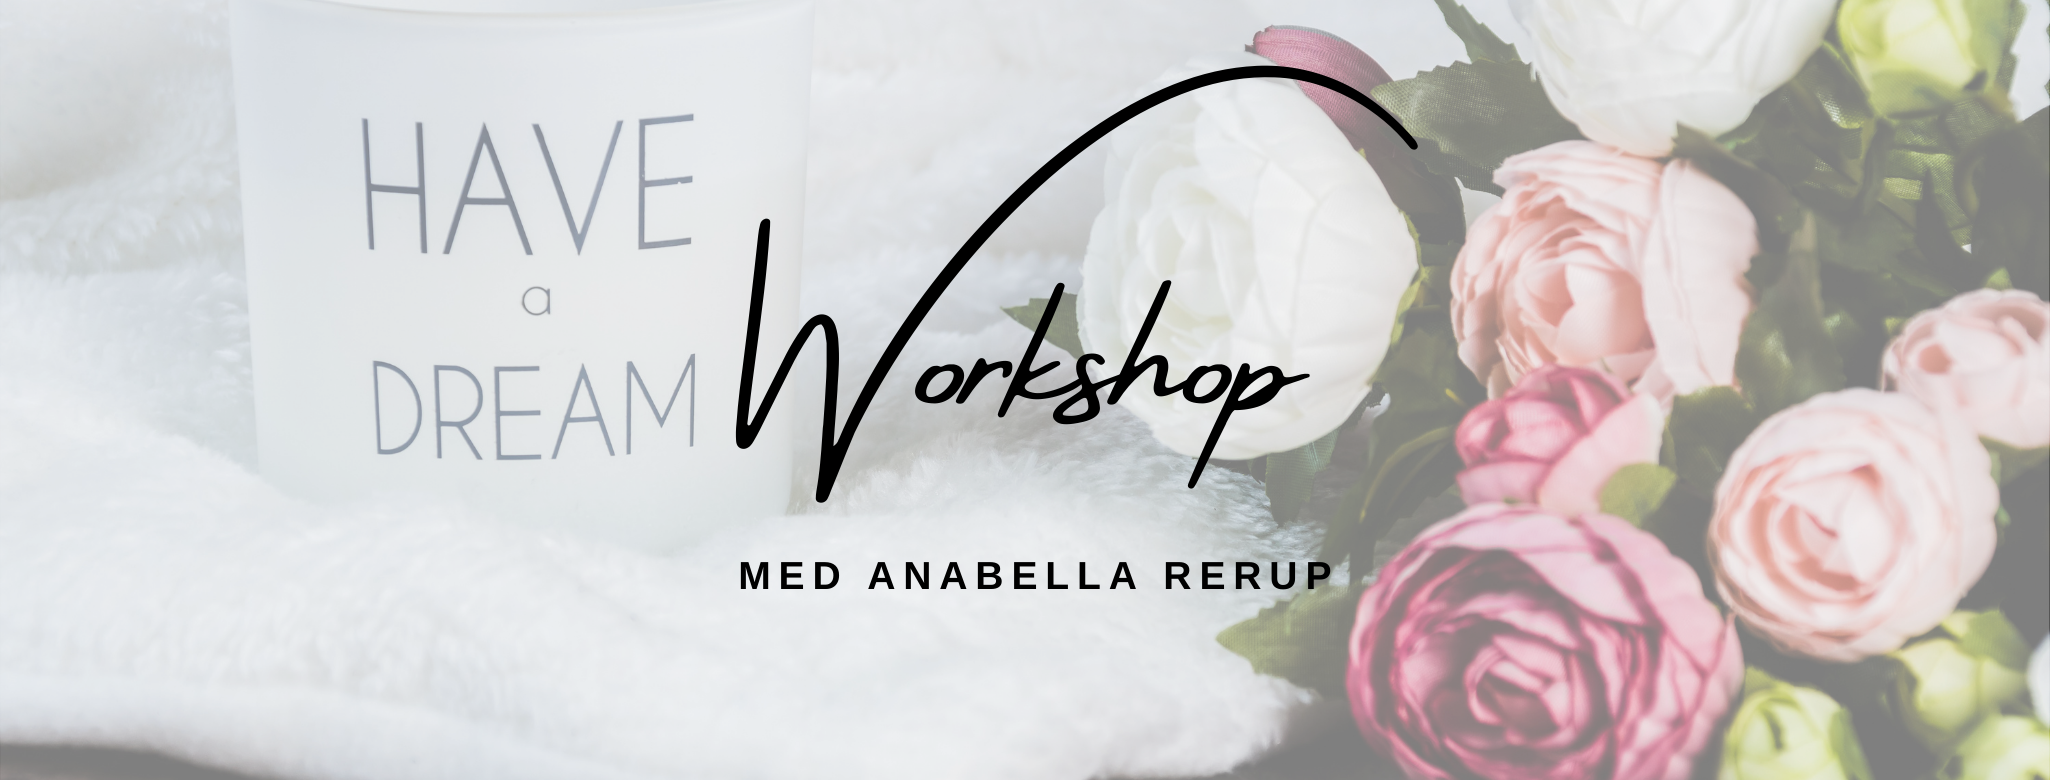 Workhop Manifestation Anabella Rerup